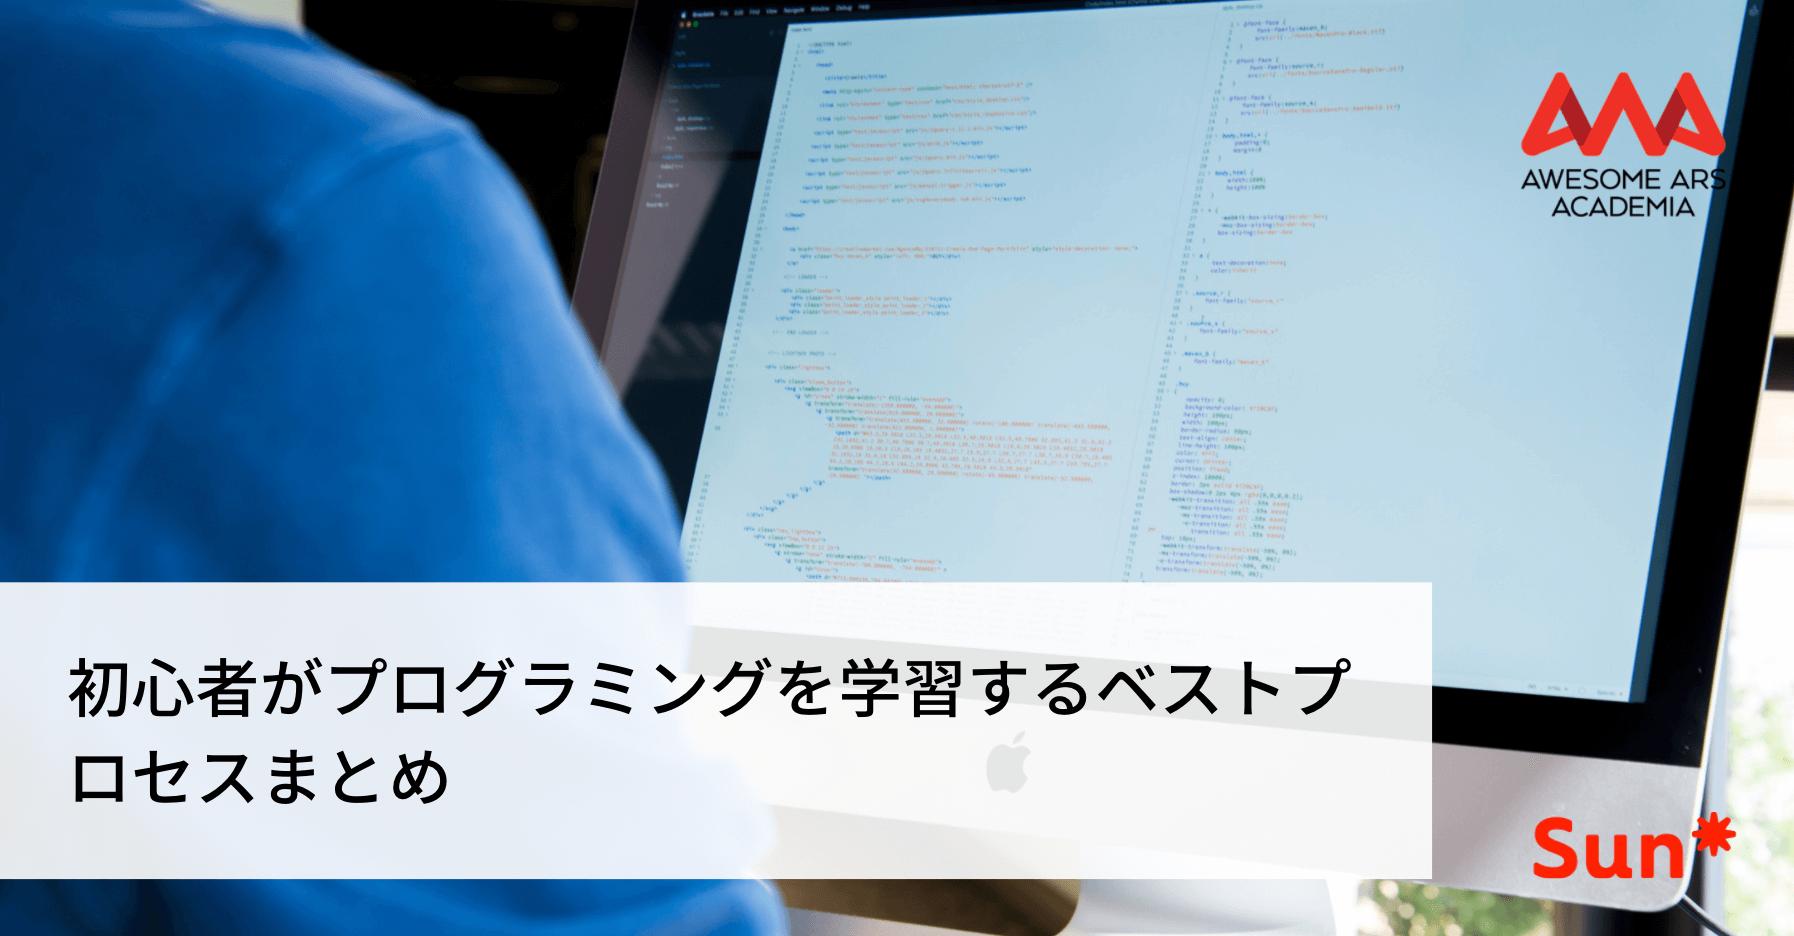 おすすめのプログラミング学習プロセス